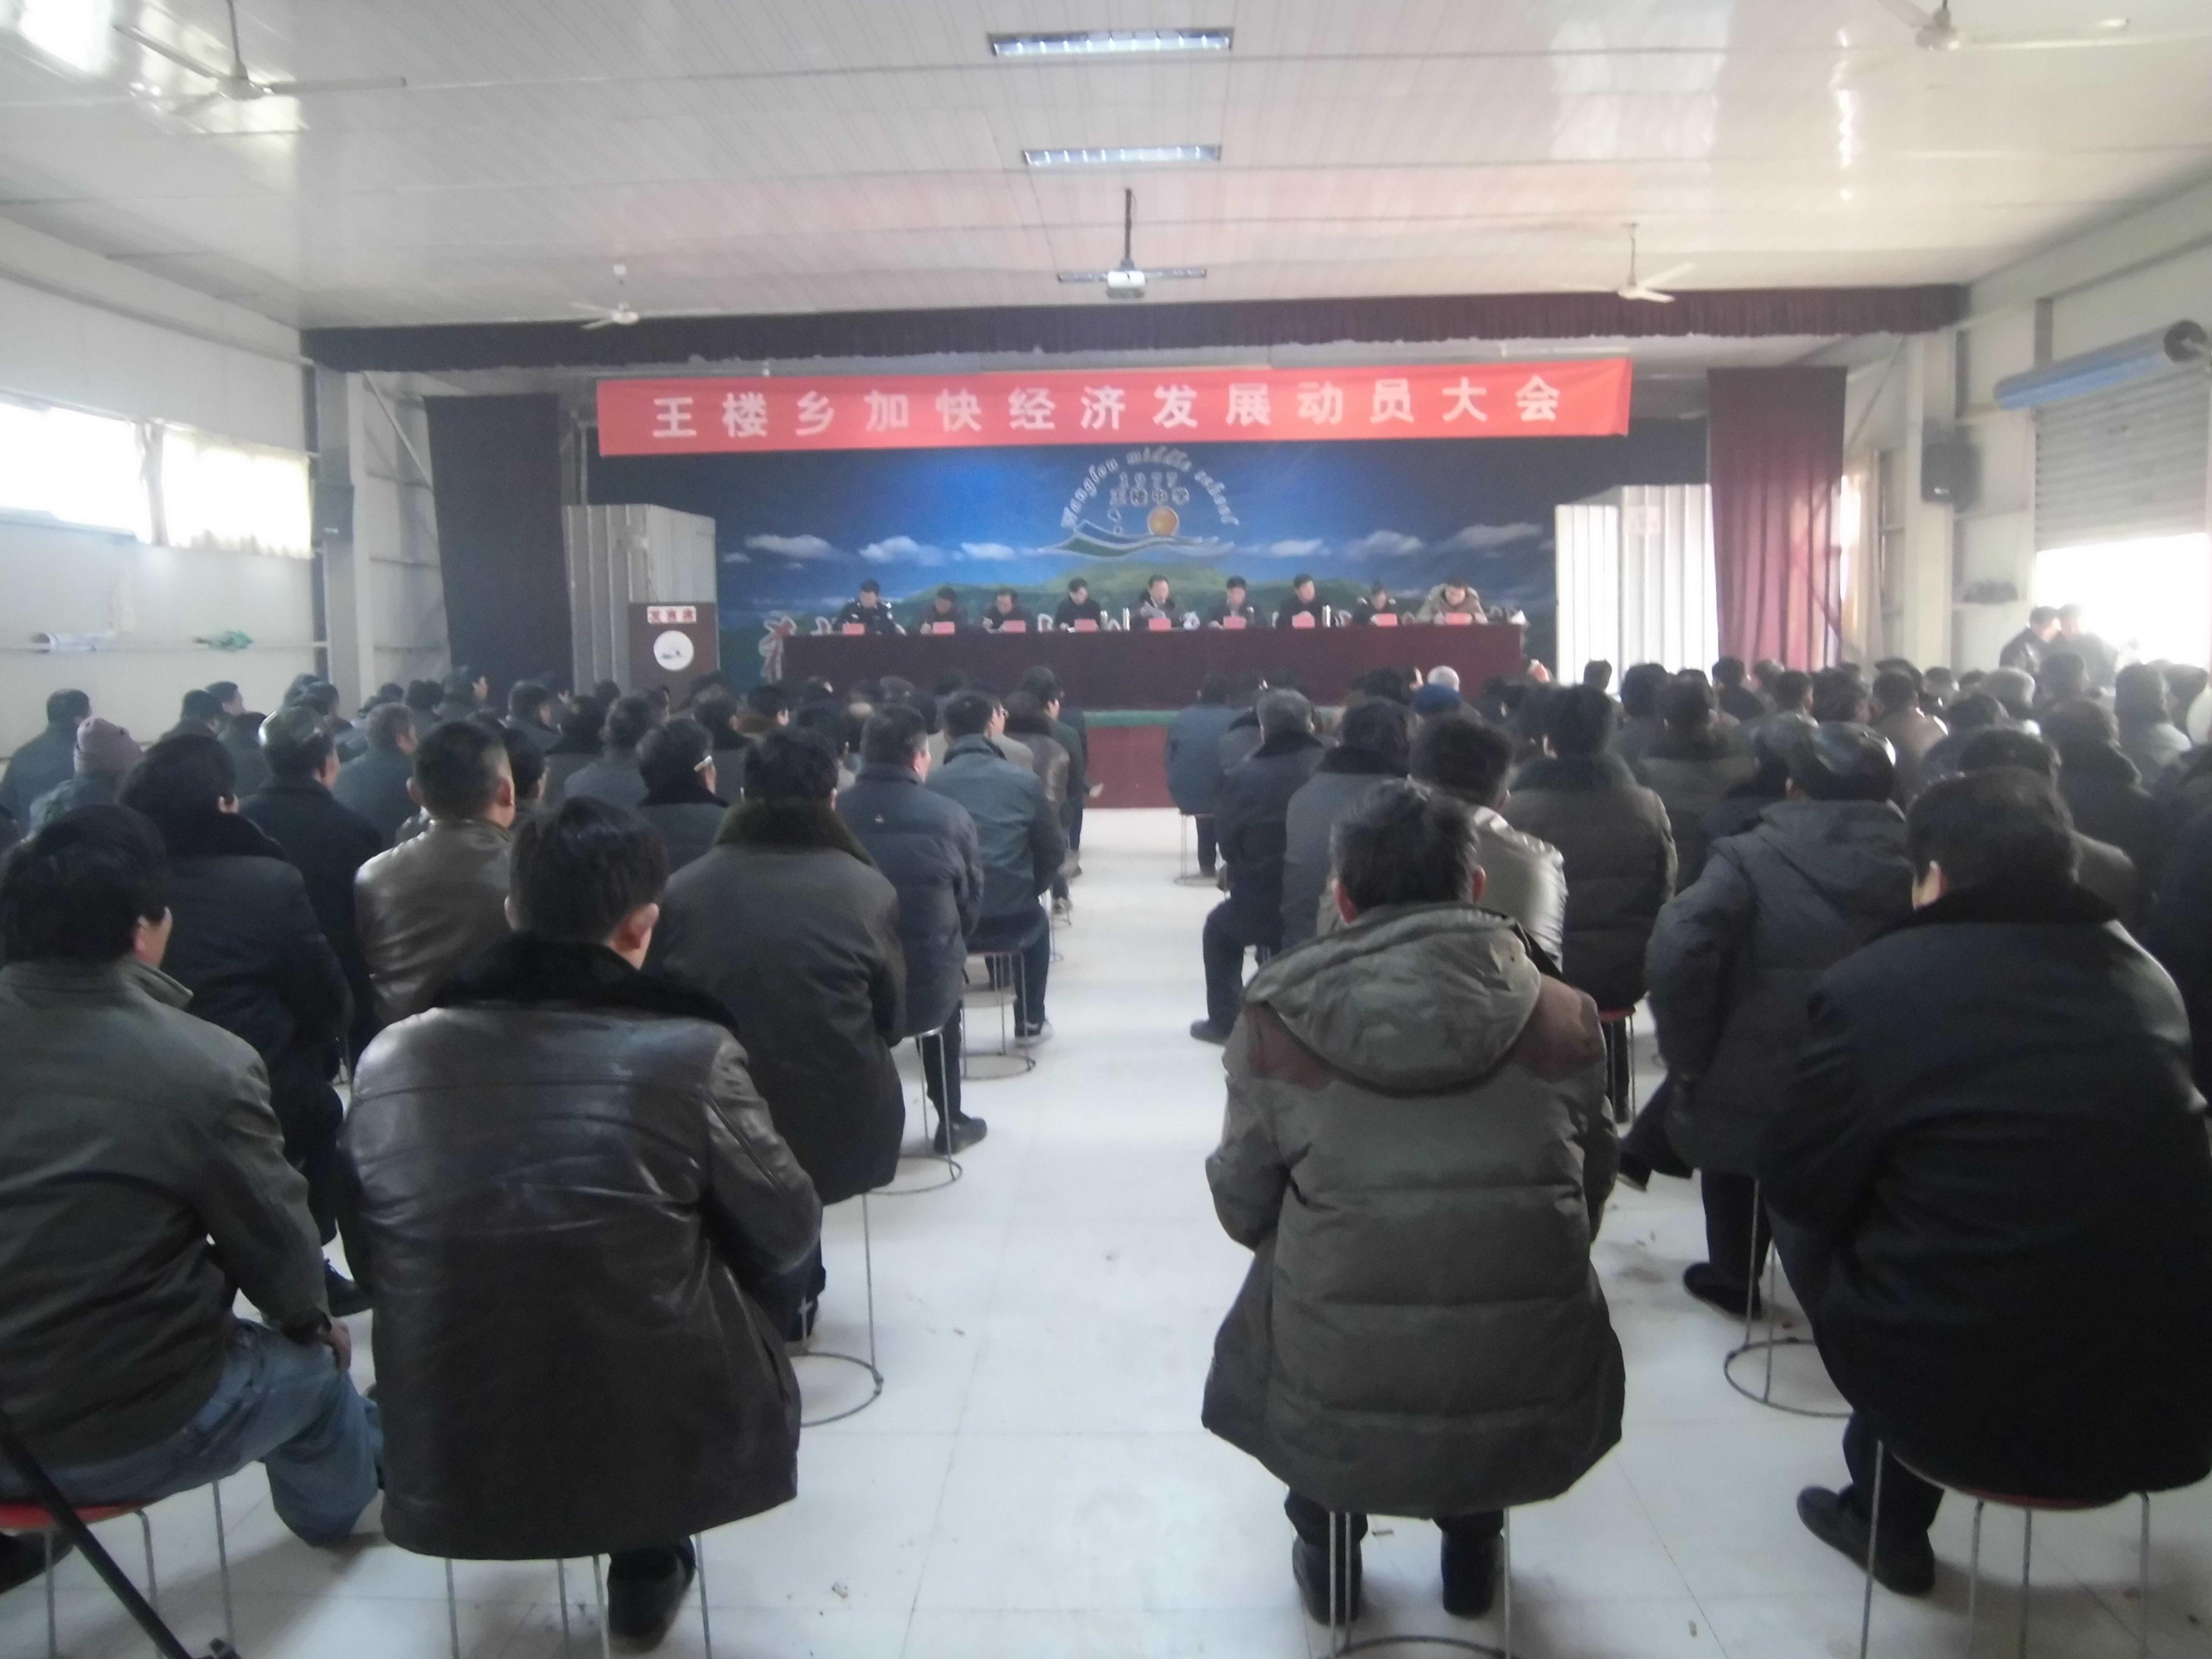 王楼乡召开加快经济发展动员大会